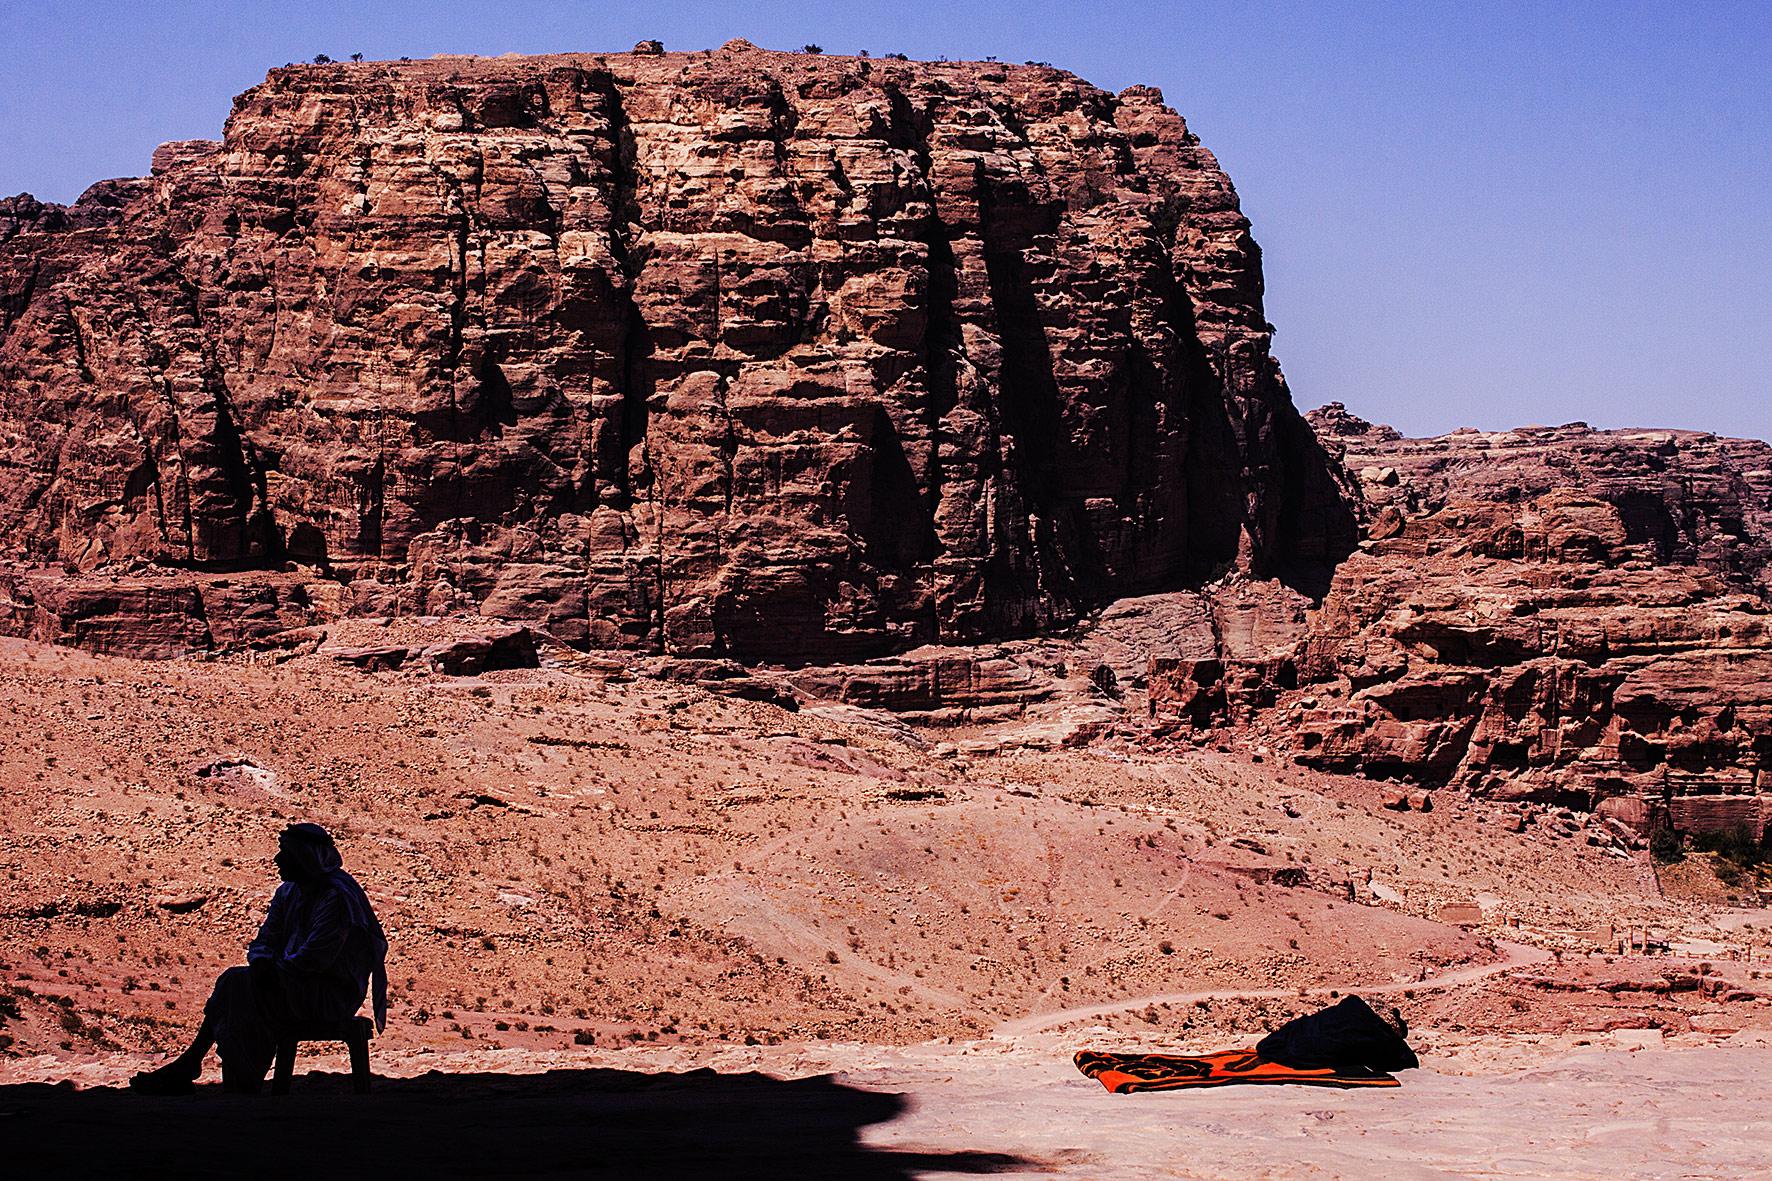 Jordanie, Petra. 2010